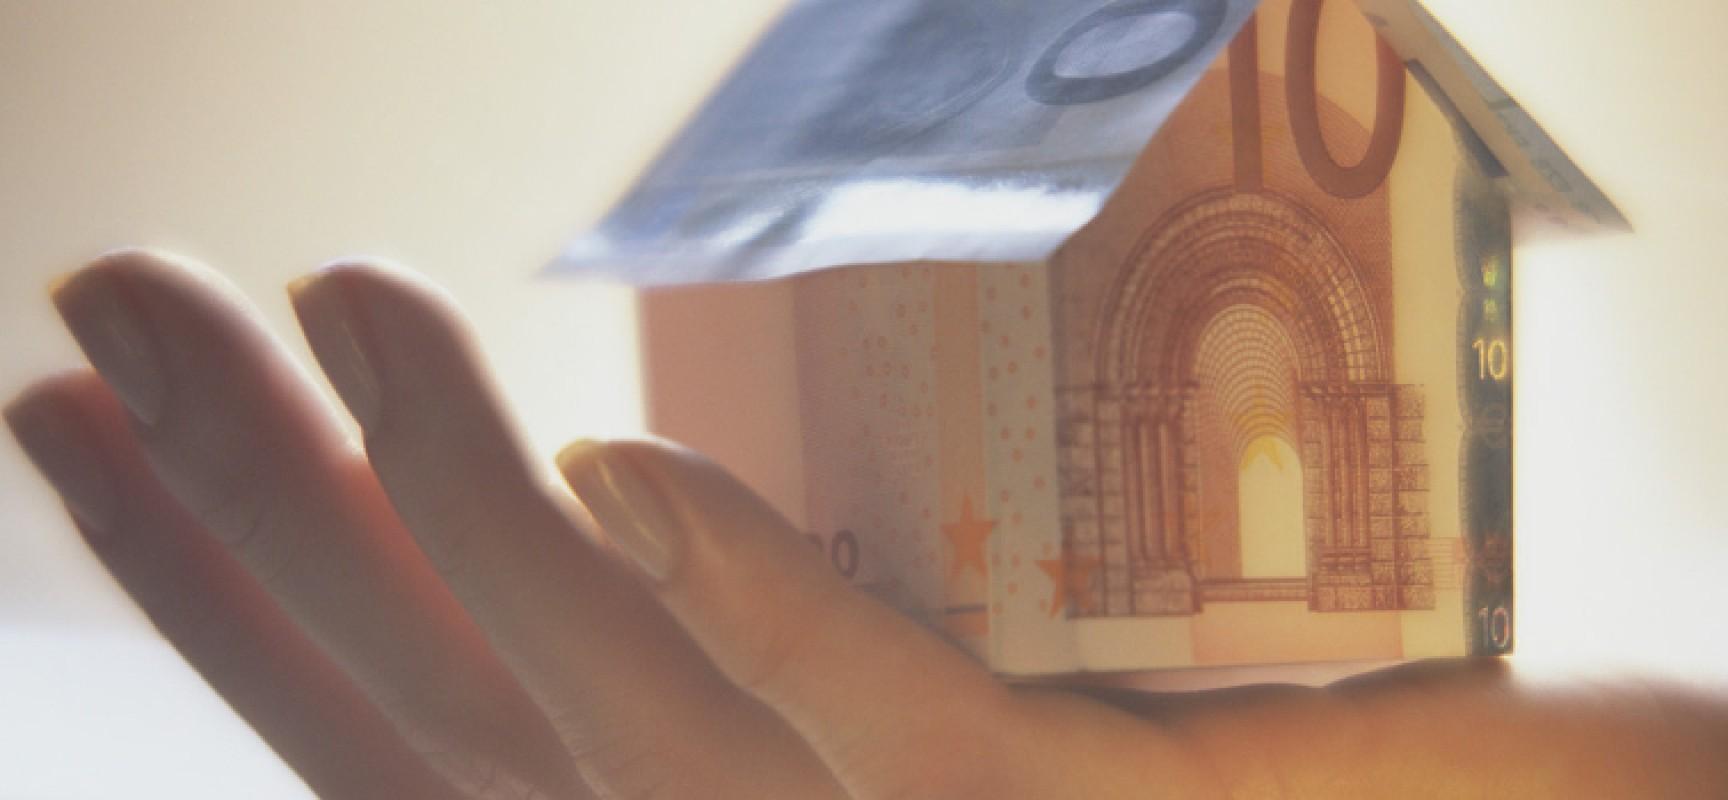 Morosità incolpevole, la Regione mette a disposizione 104mila euro per Bisceglie